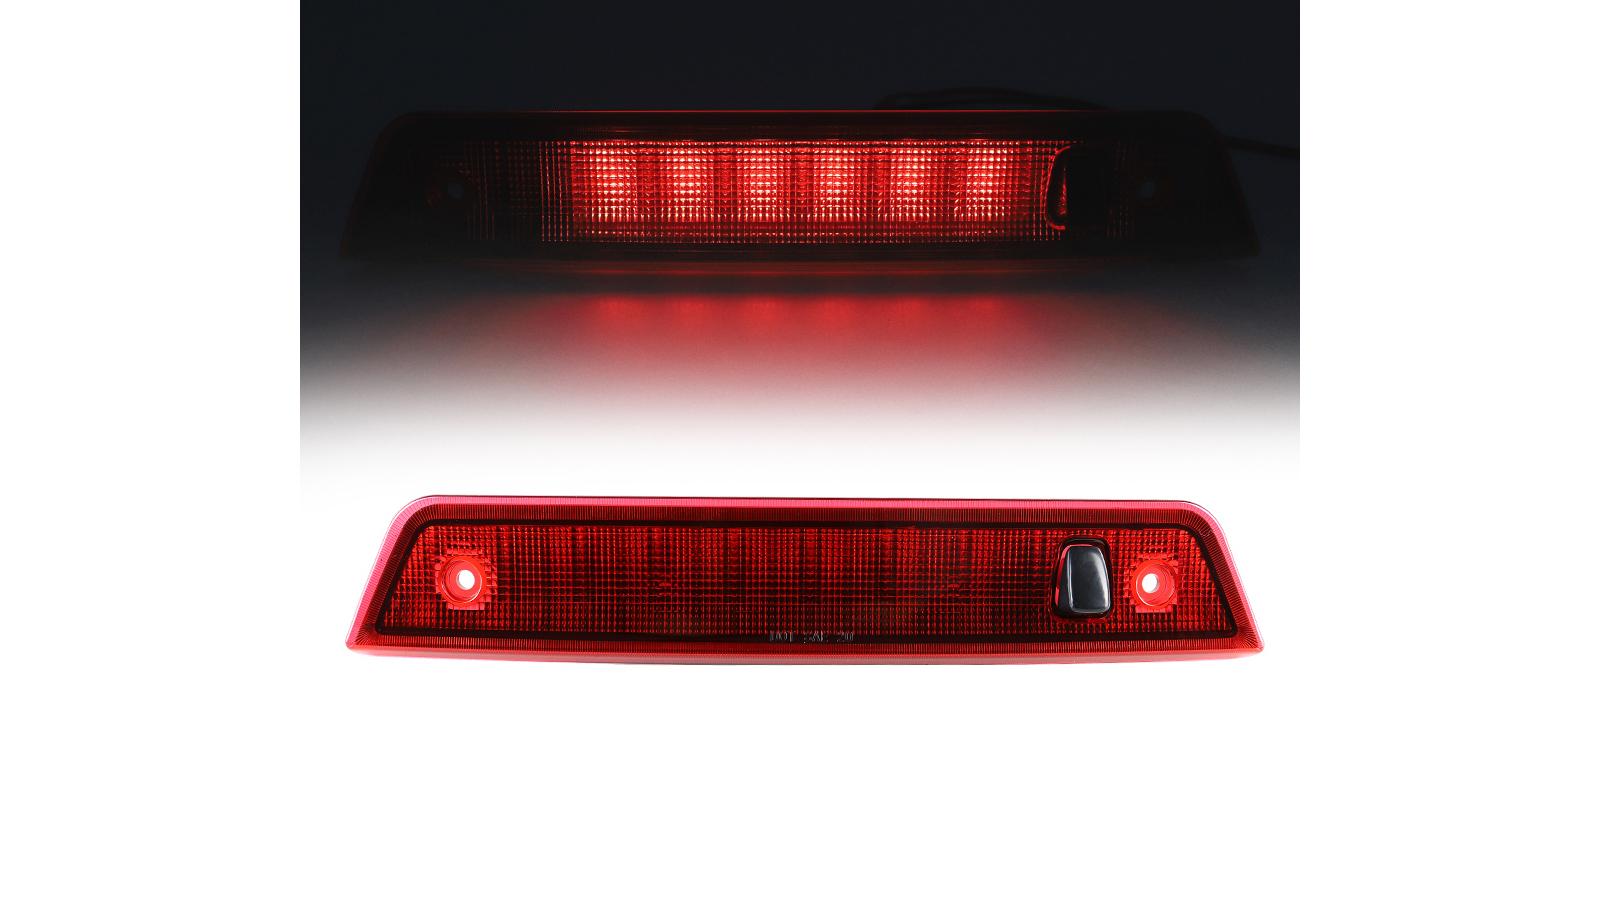 2005 년 2009 년 전문 레드 렌 2009 2009 2009 지프 그랜드 체로키 LED 세 번째 3 번째 브레이크 라이트 제조 업체